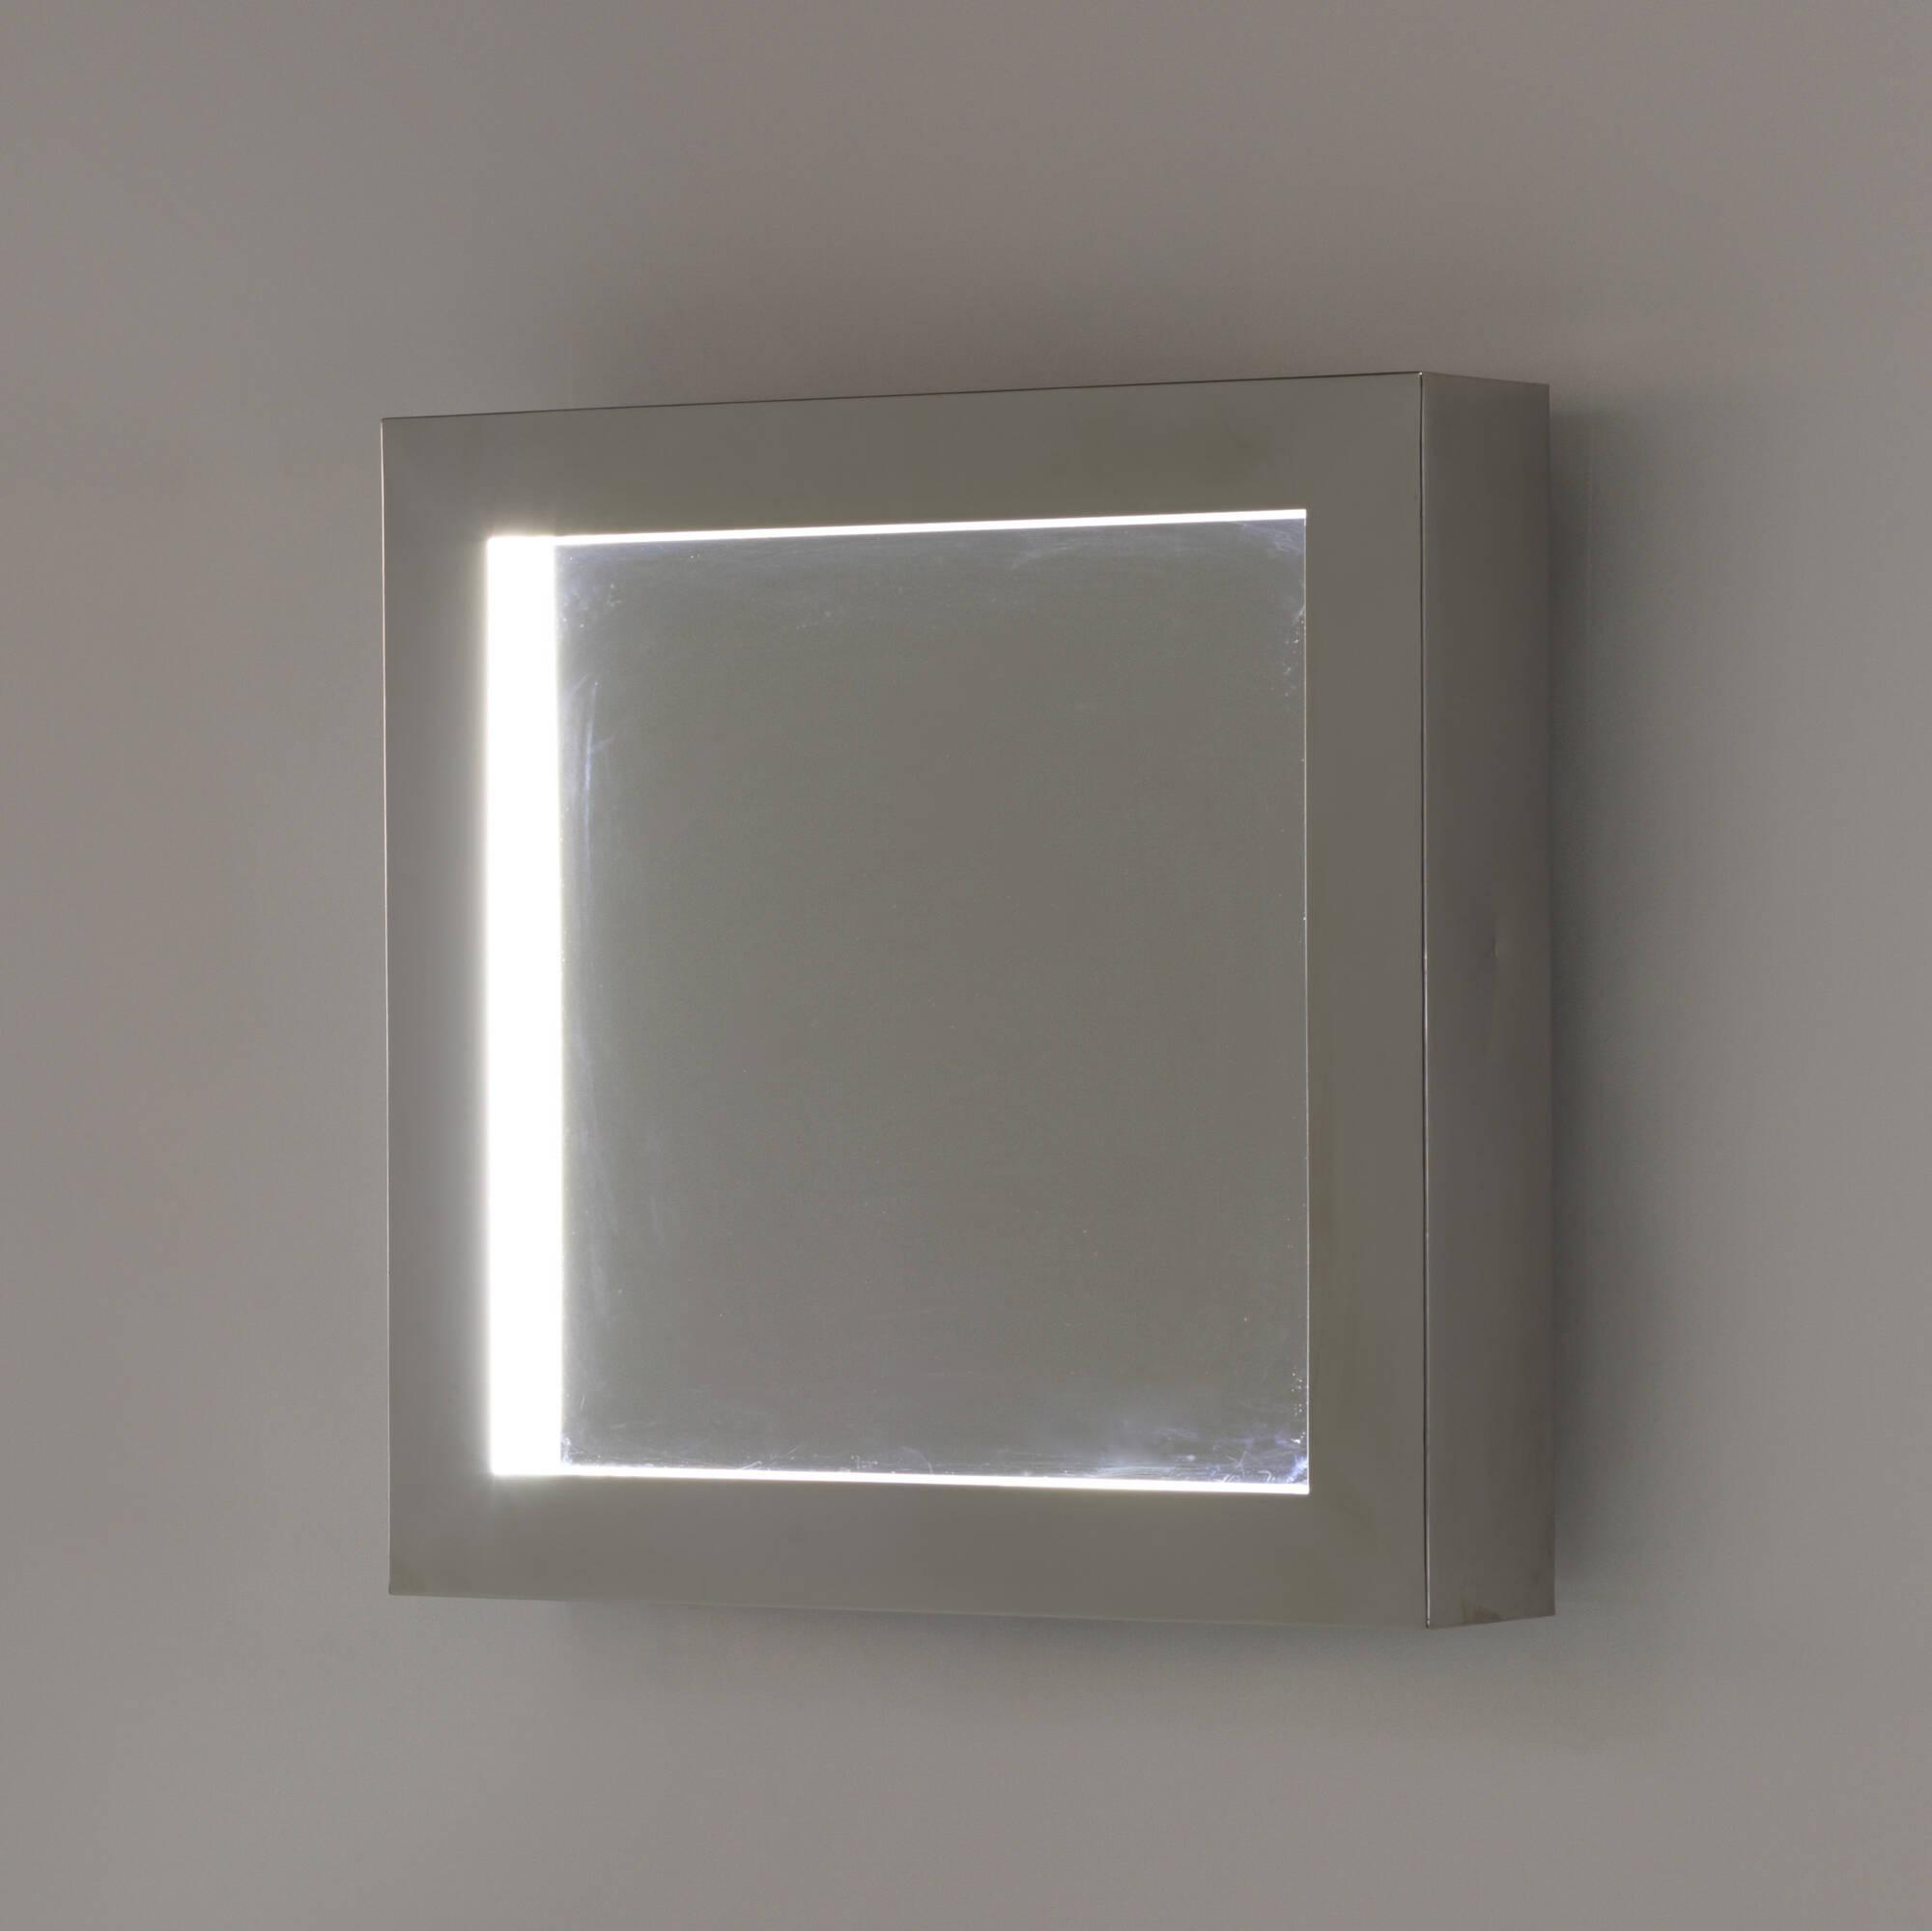 341: Nanda Vigo / Prototype Iceberg lamp (2 of 2)